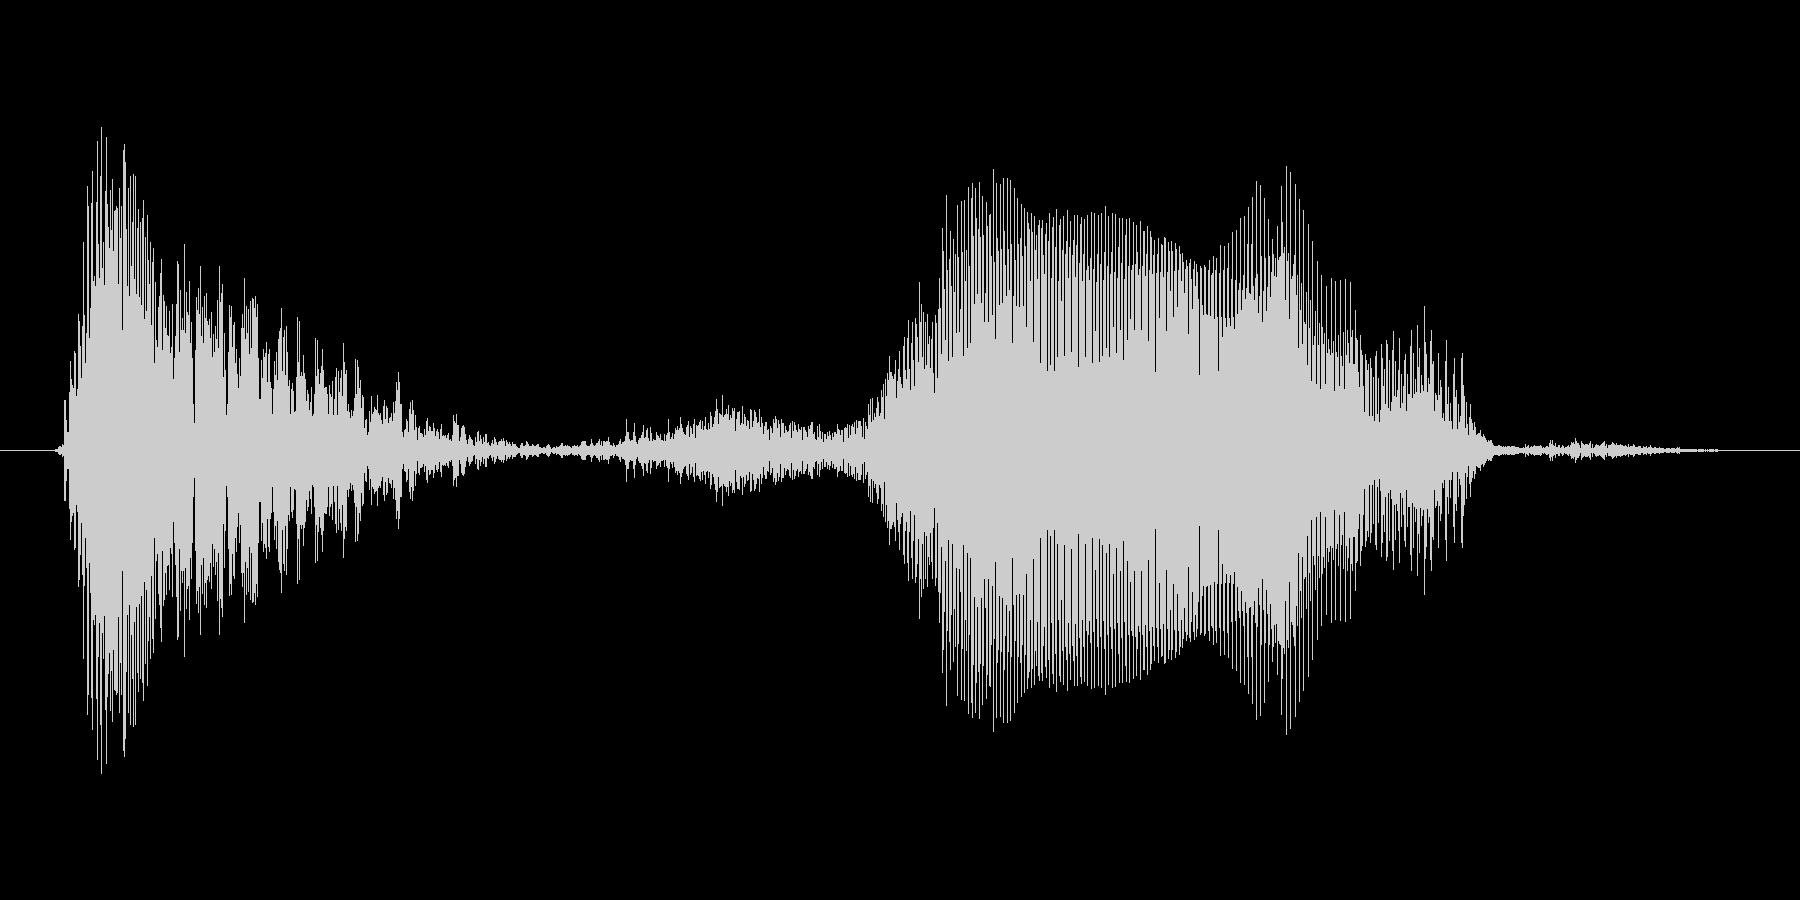 いくぜっ!(Type-E)の未再生の波形